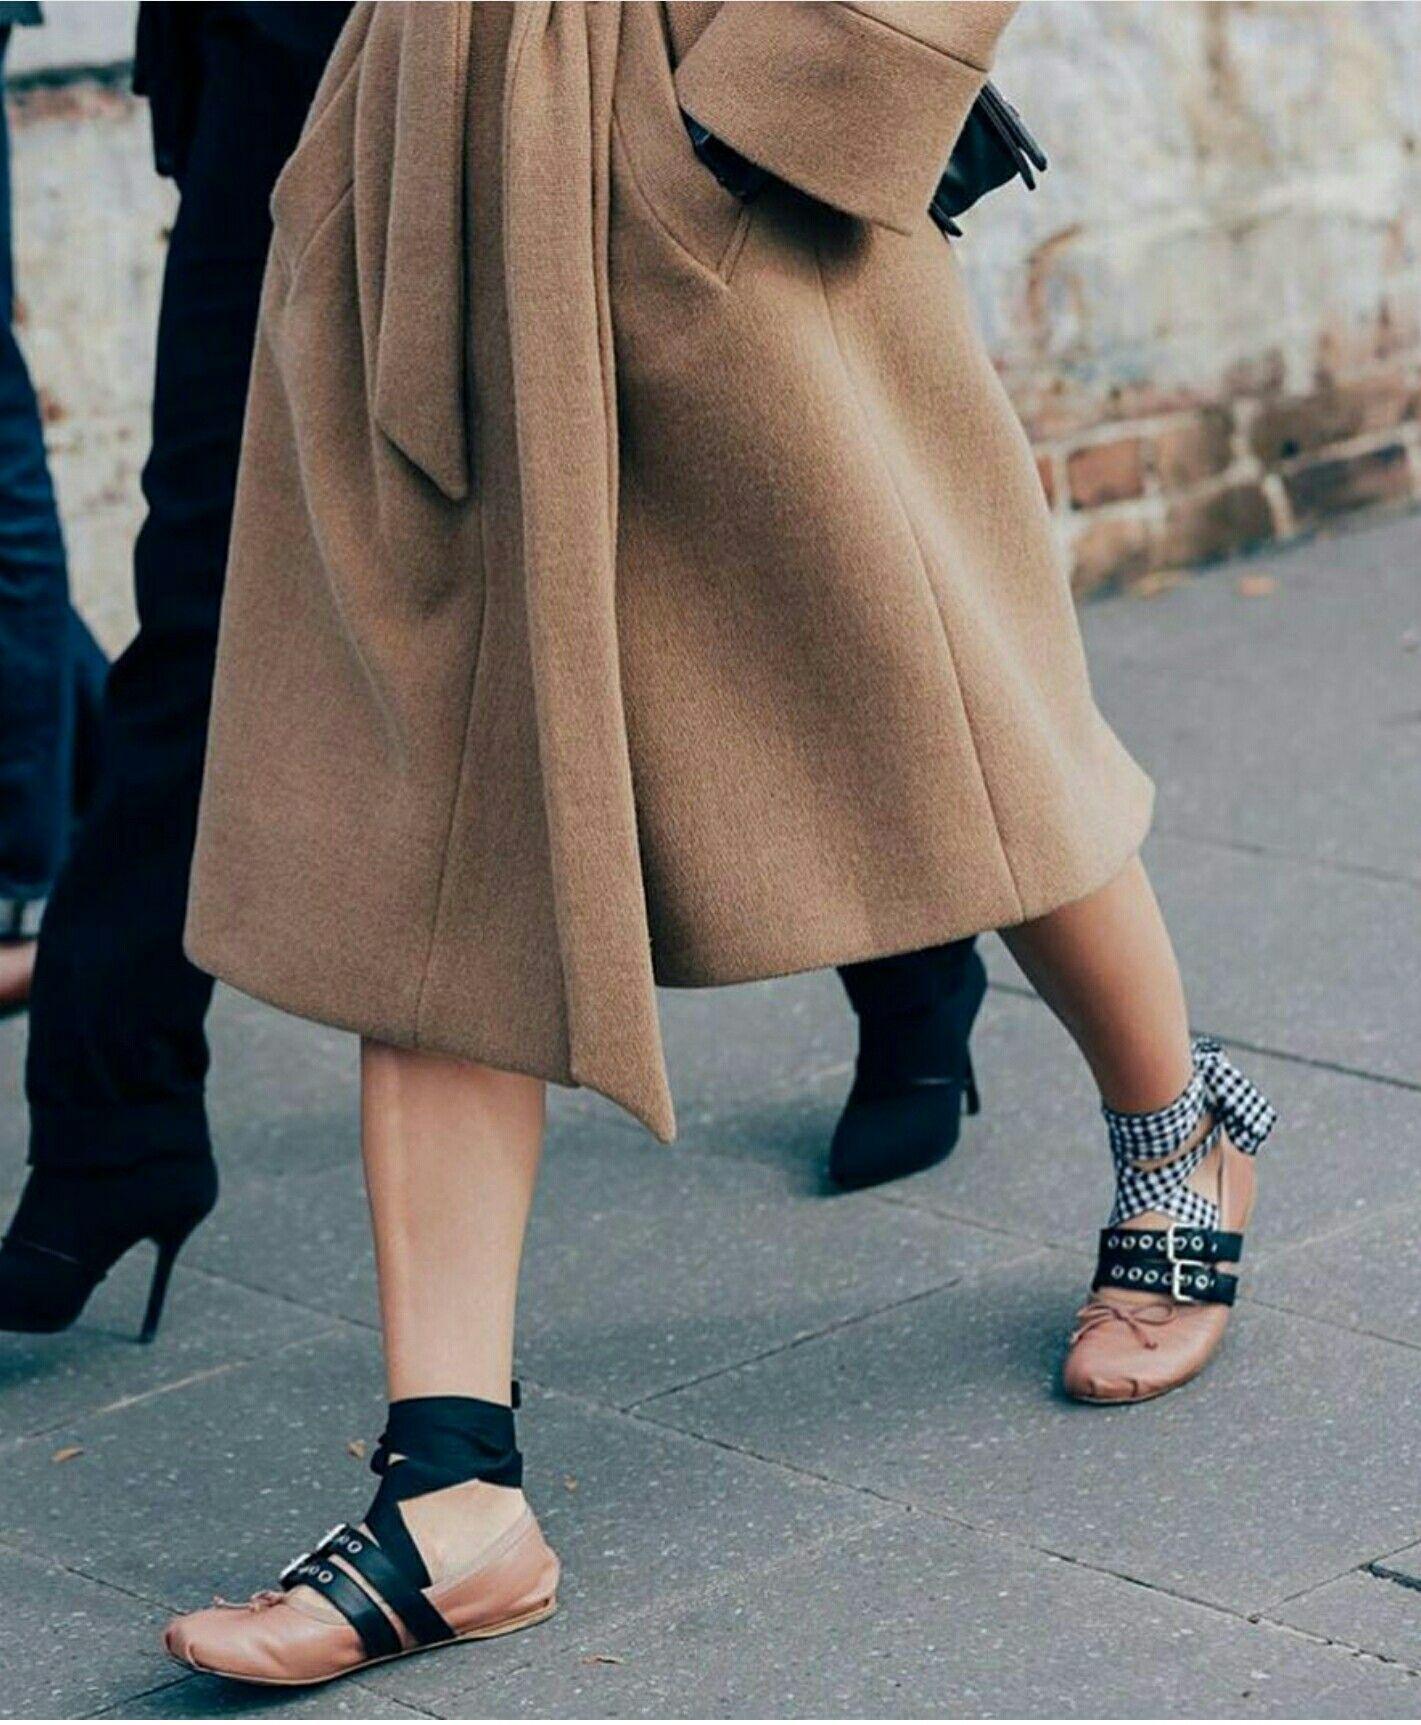 Miu Miu Black Swanson Boots 8jTQS